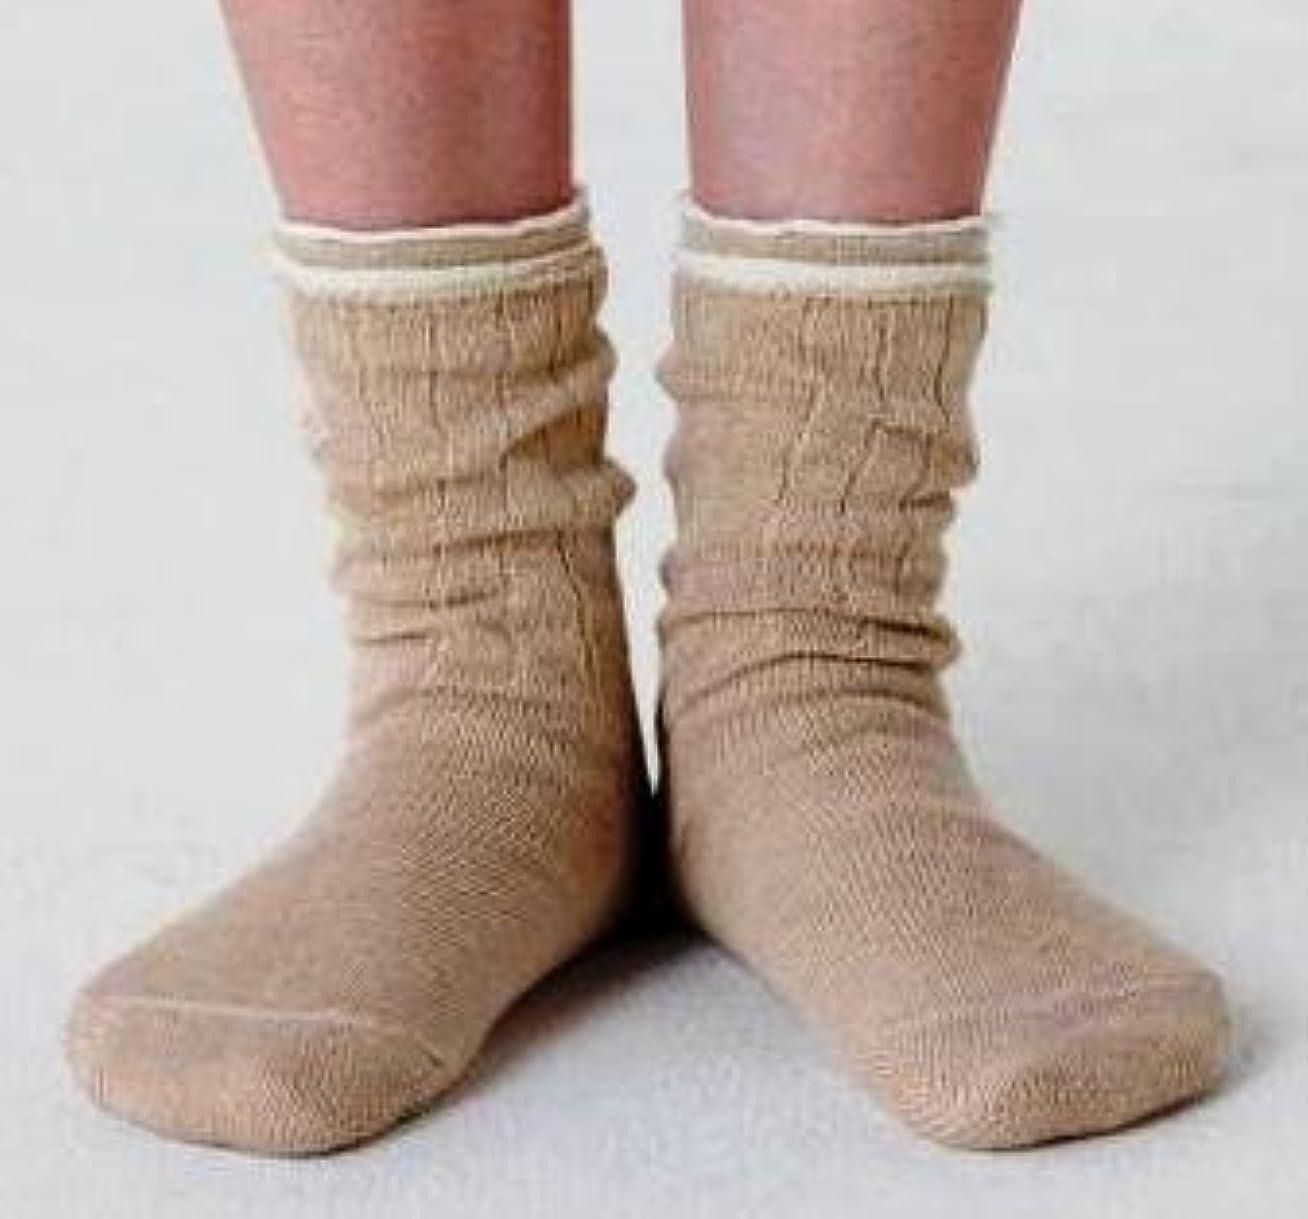 スコア農場抵抗力がある冷え取り靴下 4枚重ね履きソックス(絹?綿?絹?綿) サイズ:22~24.5cm